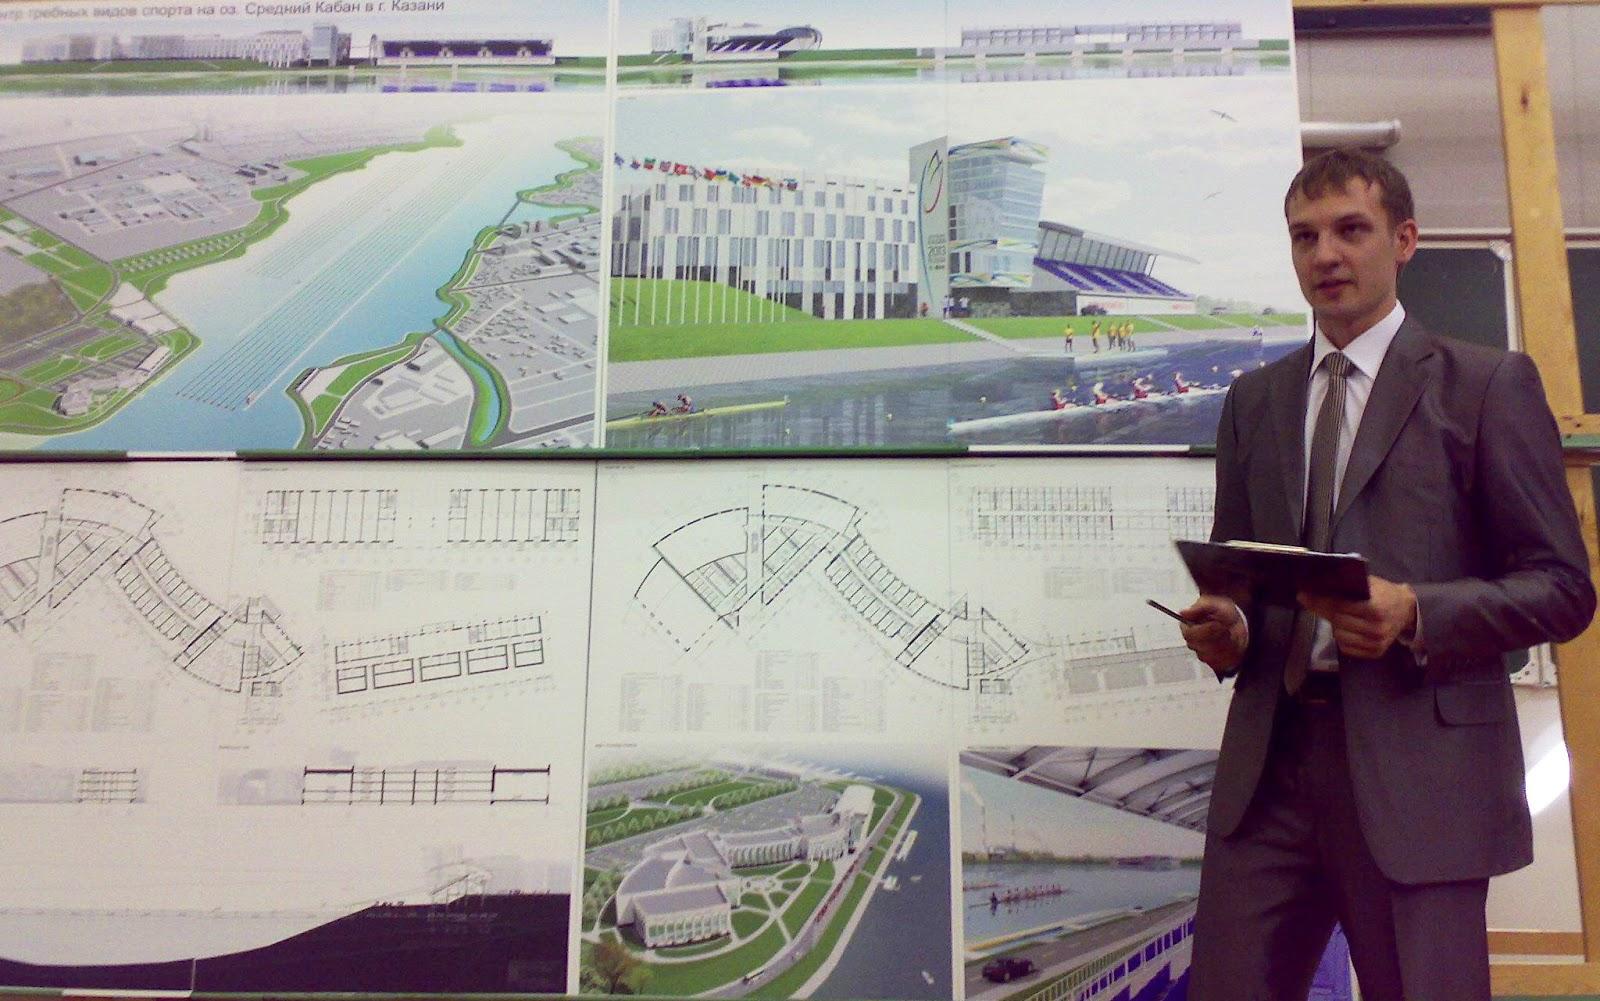 К пониманию дипломной работы Архитектурная практика И архитектурное образование и дипломная работа как финальная часть образования должны работать на портфолио архитектора